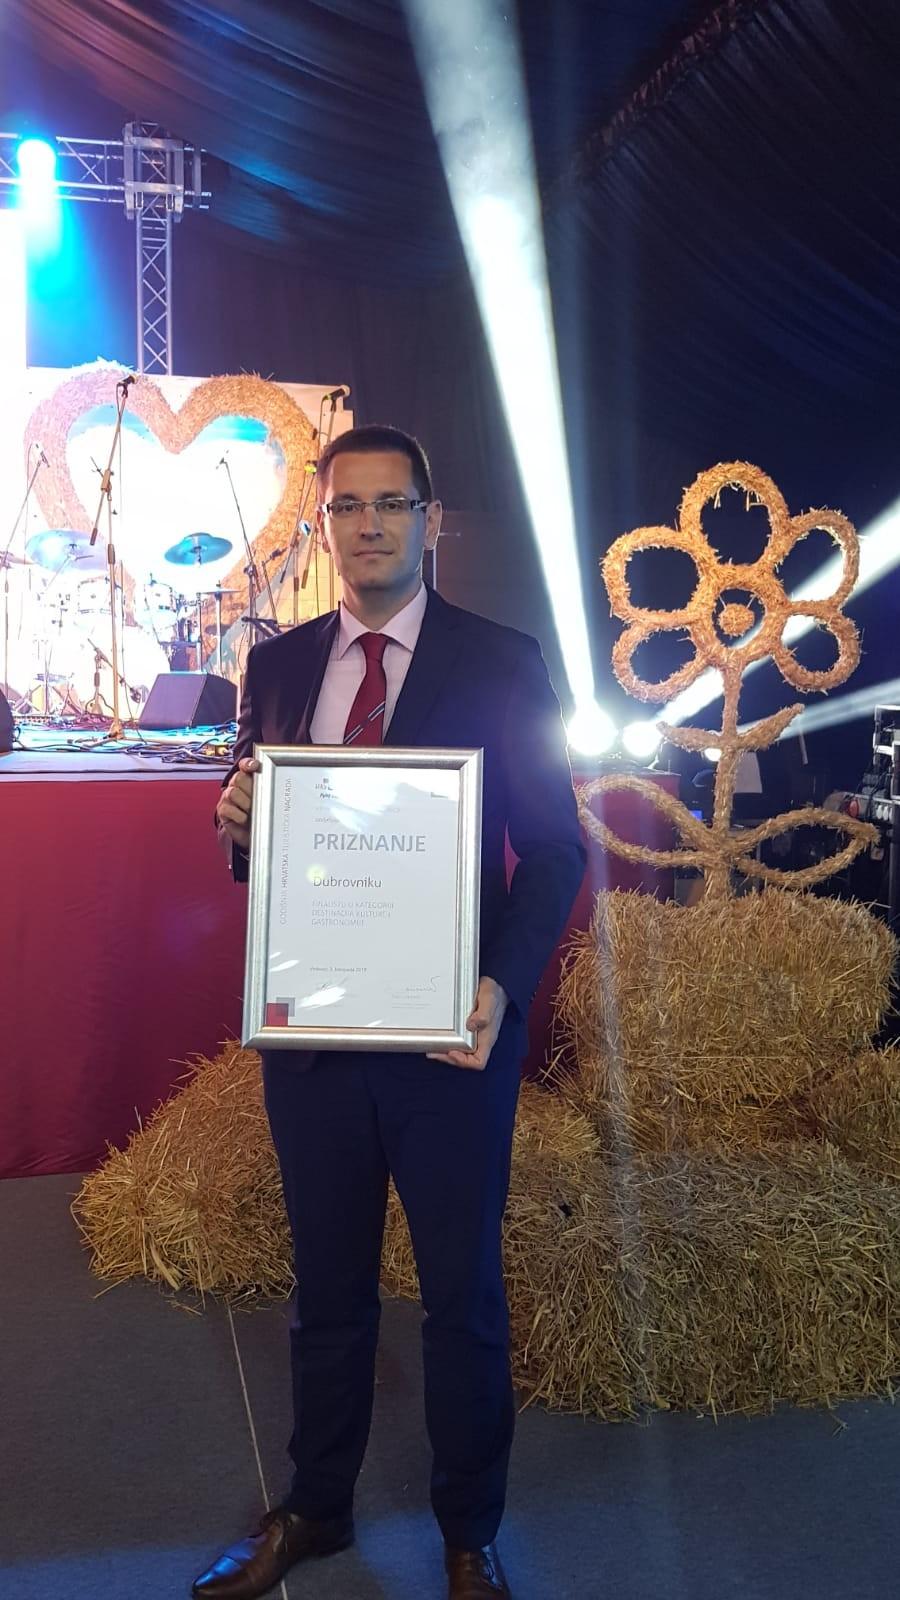 Najuspješnija destinacija kulture i gastronomije - Dubrovnik osvojio drugu nagradu